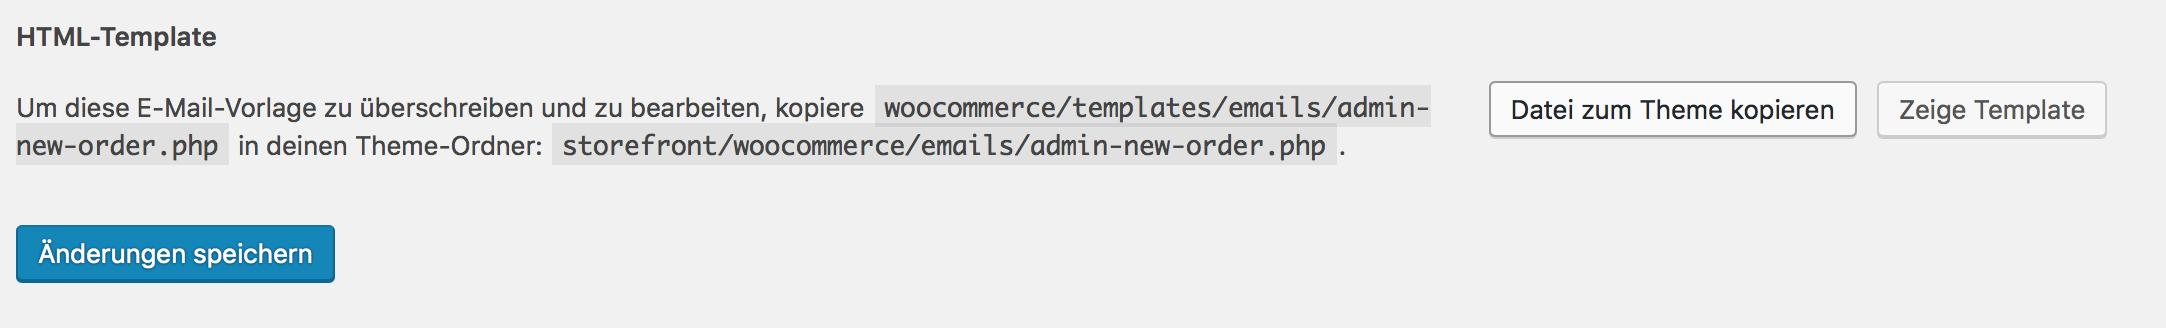 E-Mail Template Datei zum Theme kopieren